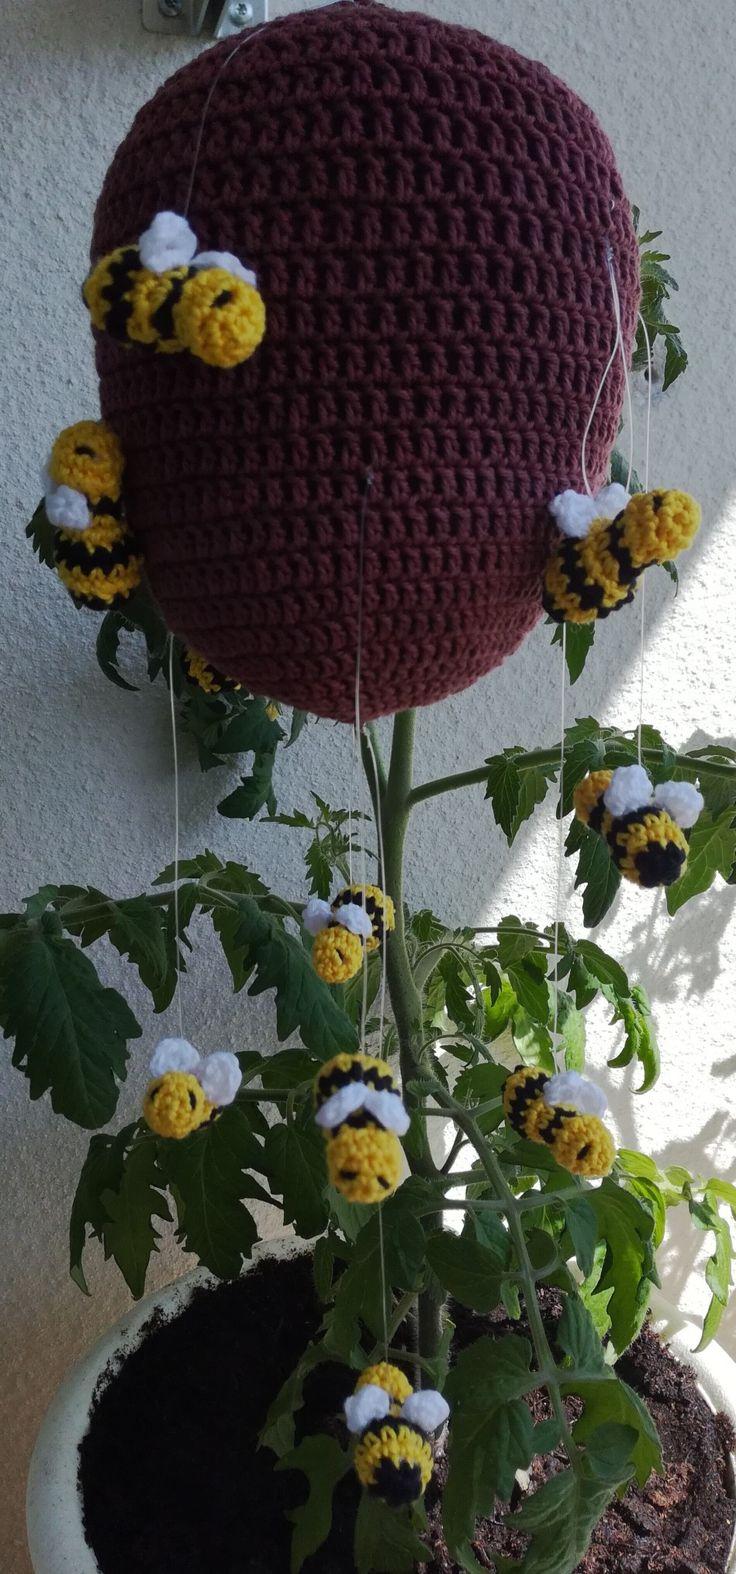 Crochet bees